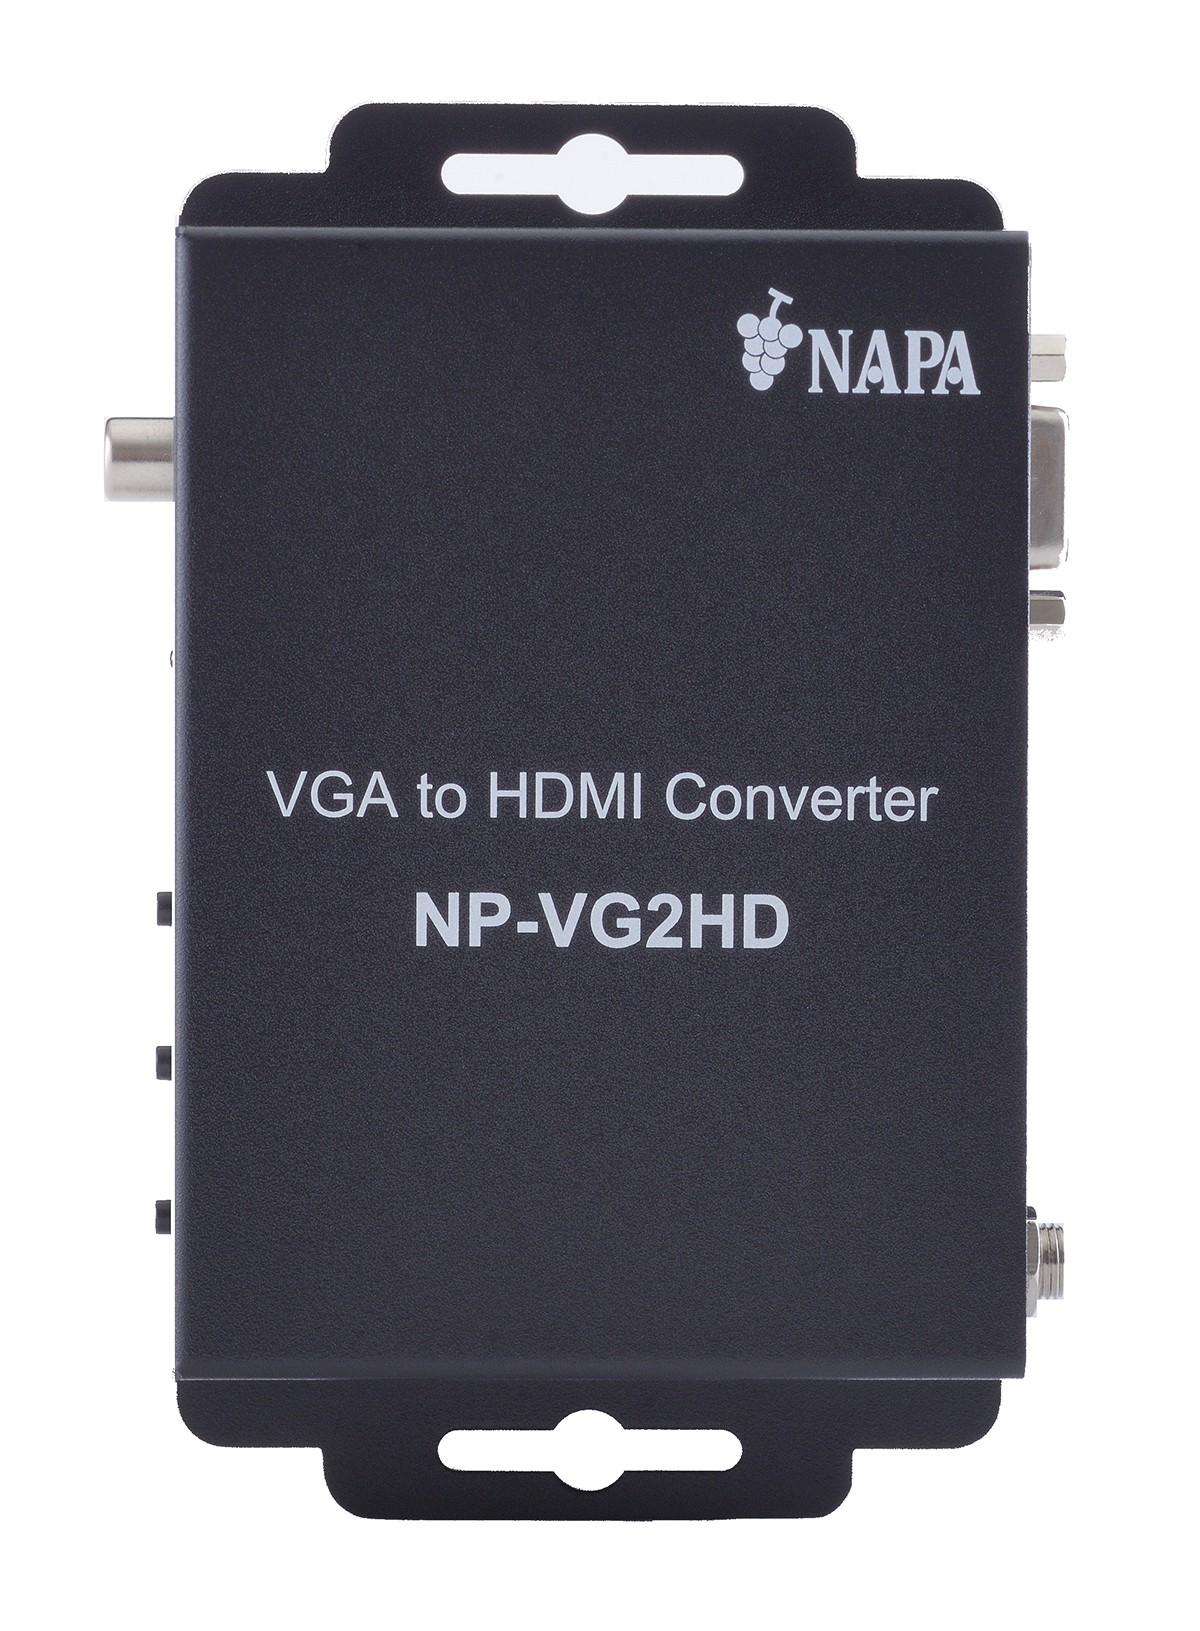 NP-VG2HD